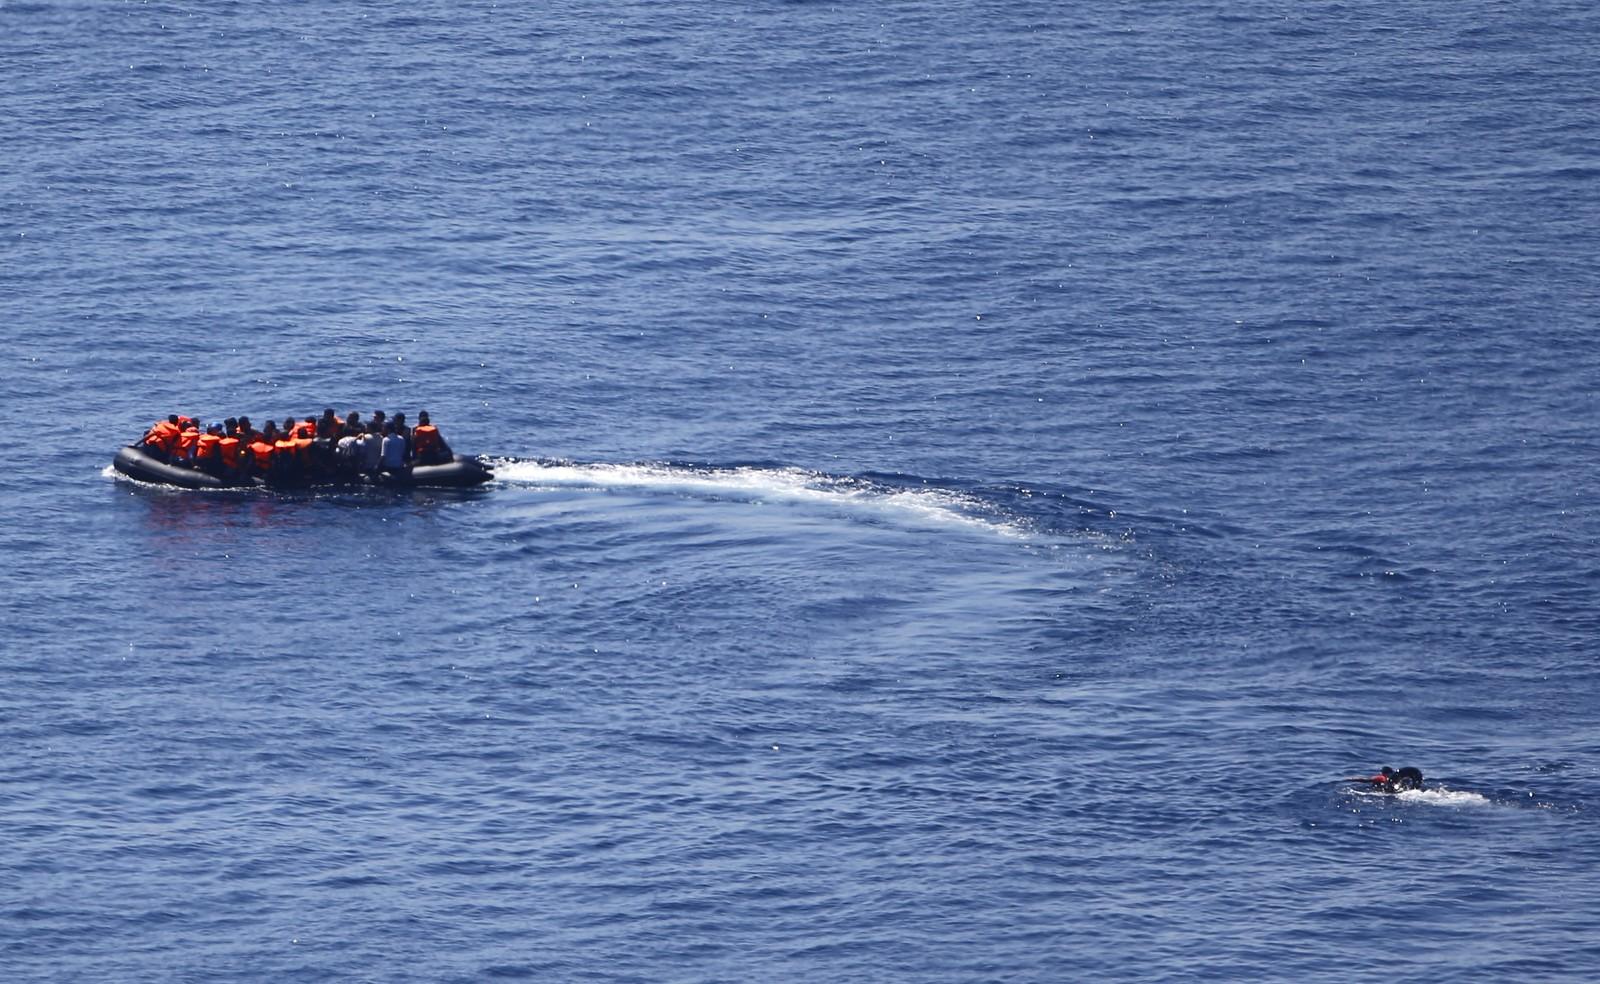 En flyktning prøvde desperat å ta igjen denne flåten, som var på vei fra Tyrkia til den greske øya Lesbos.